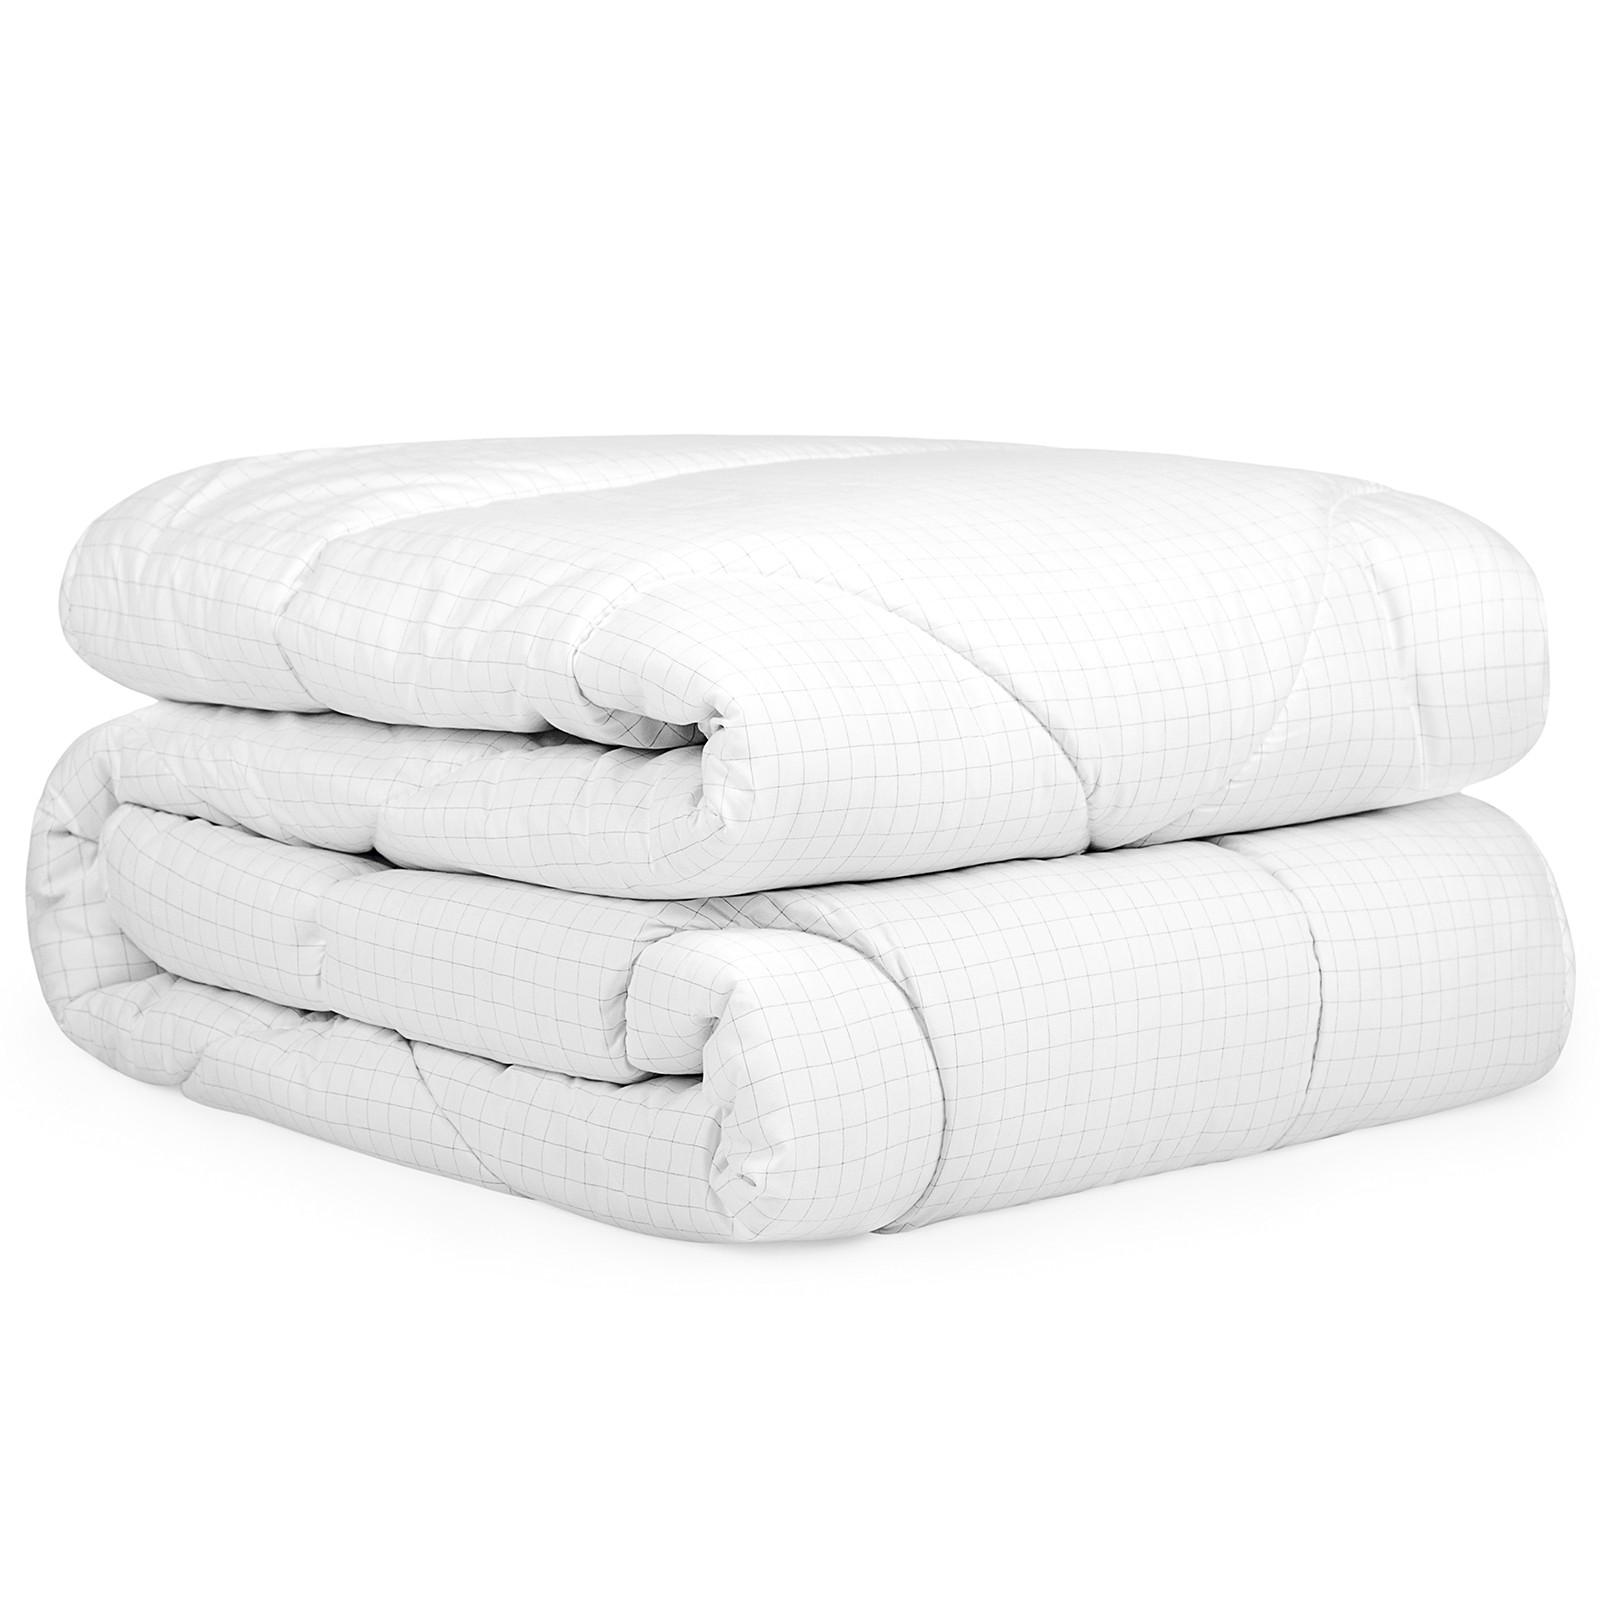 где купить Одеяла CLASSIC by T Одеяло Антистресс Всесезонное (200х210 см) по лучшей цене